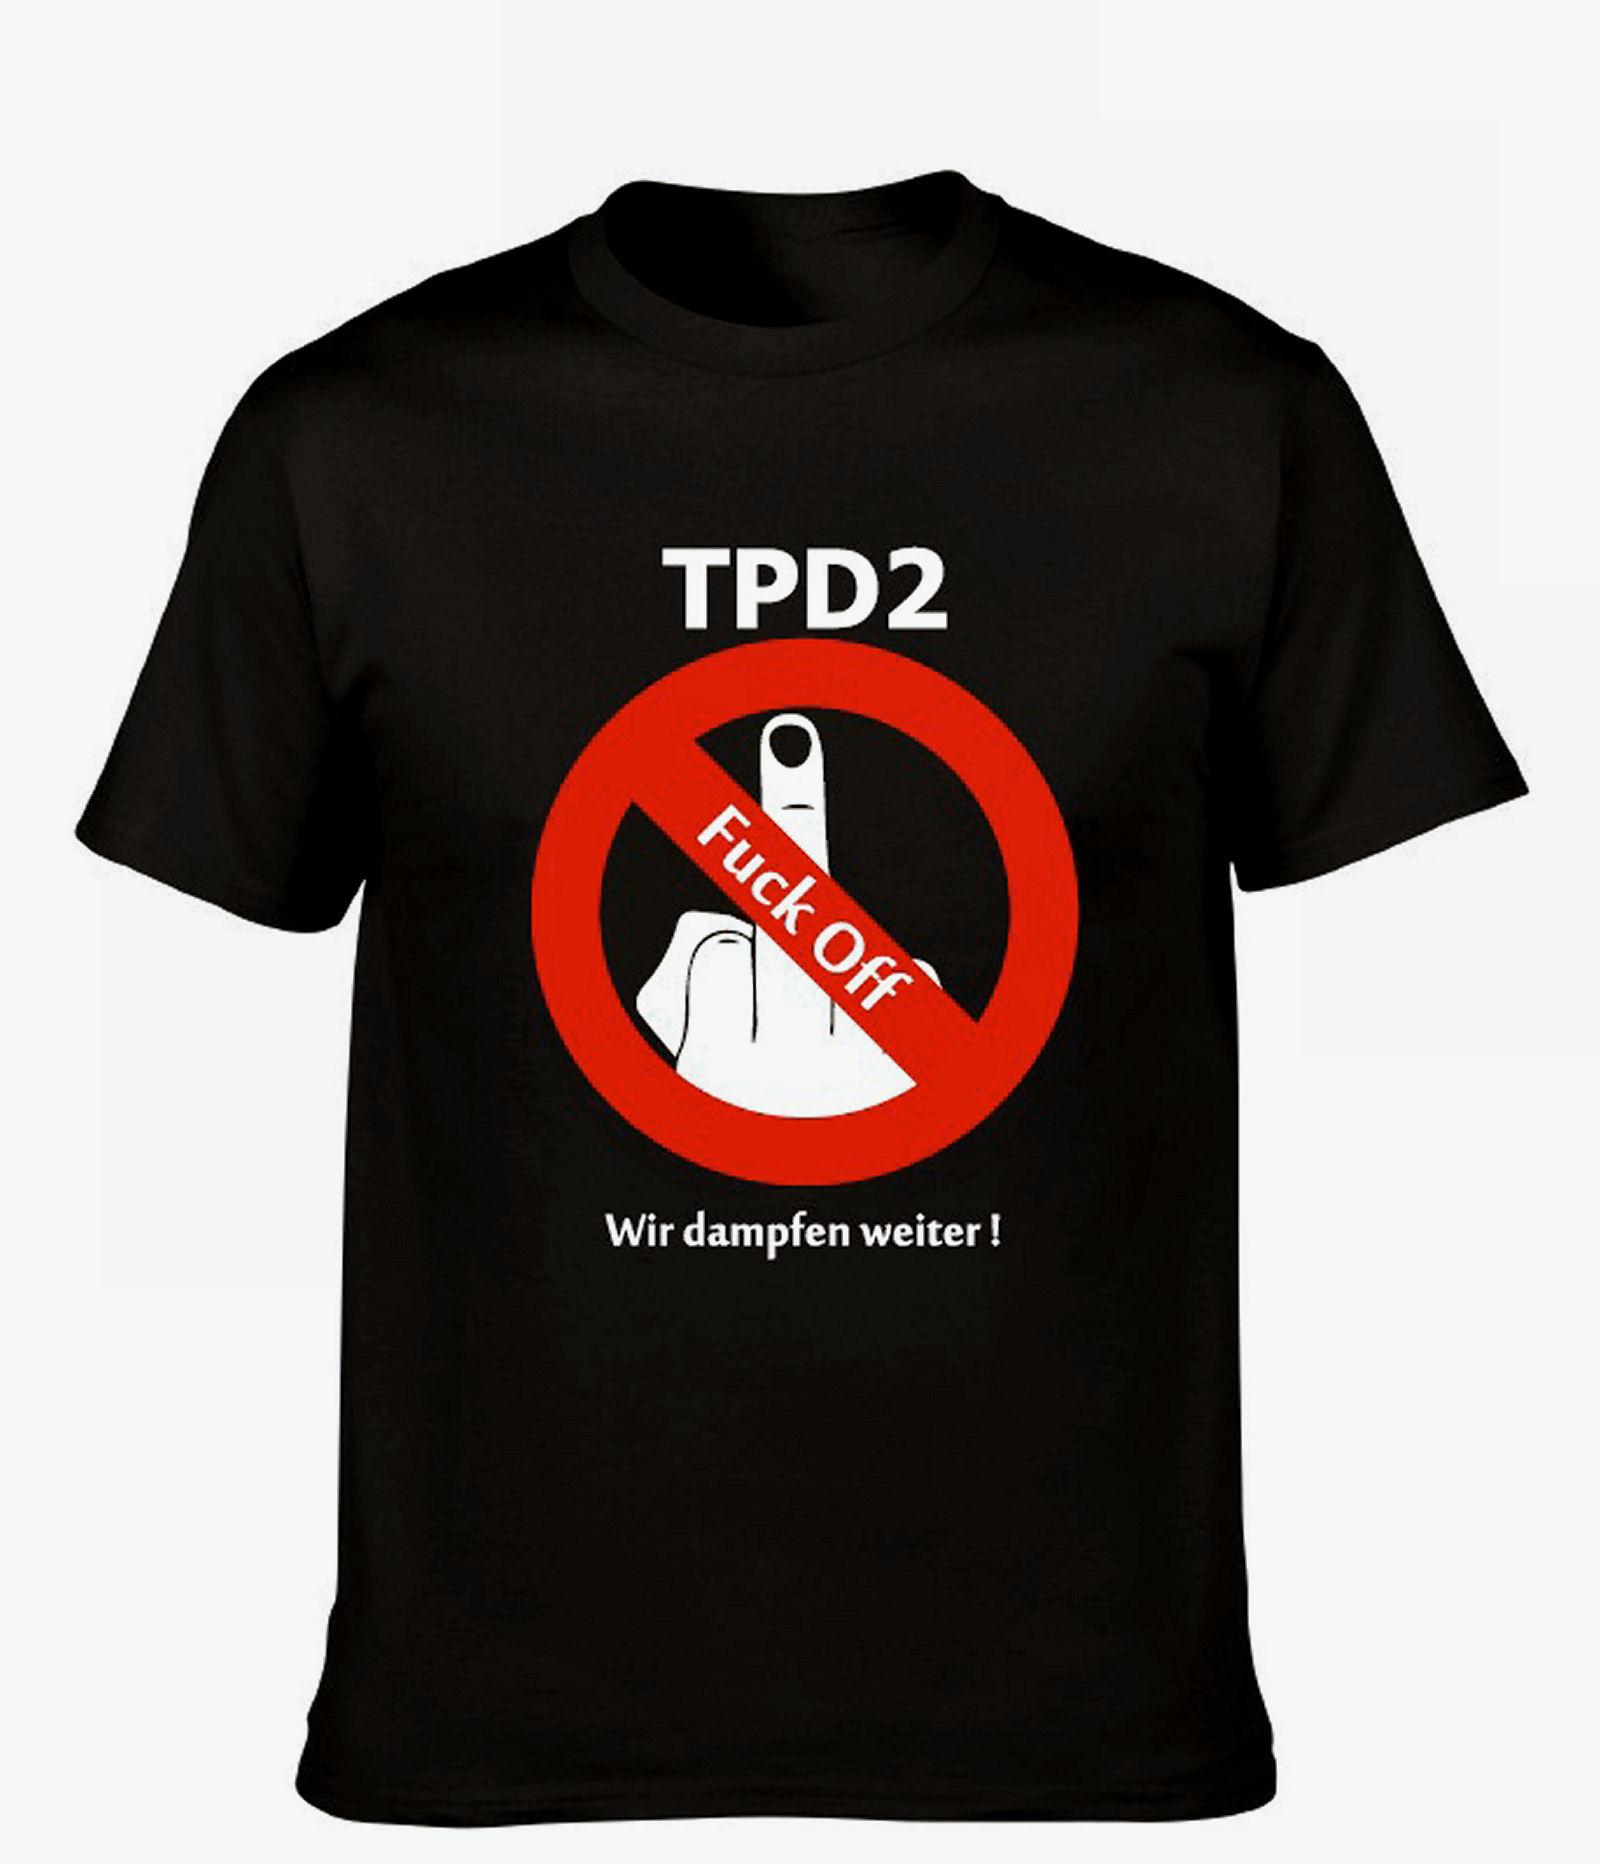 Dampfer T-Shirt TPD2 Größe XL